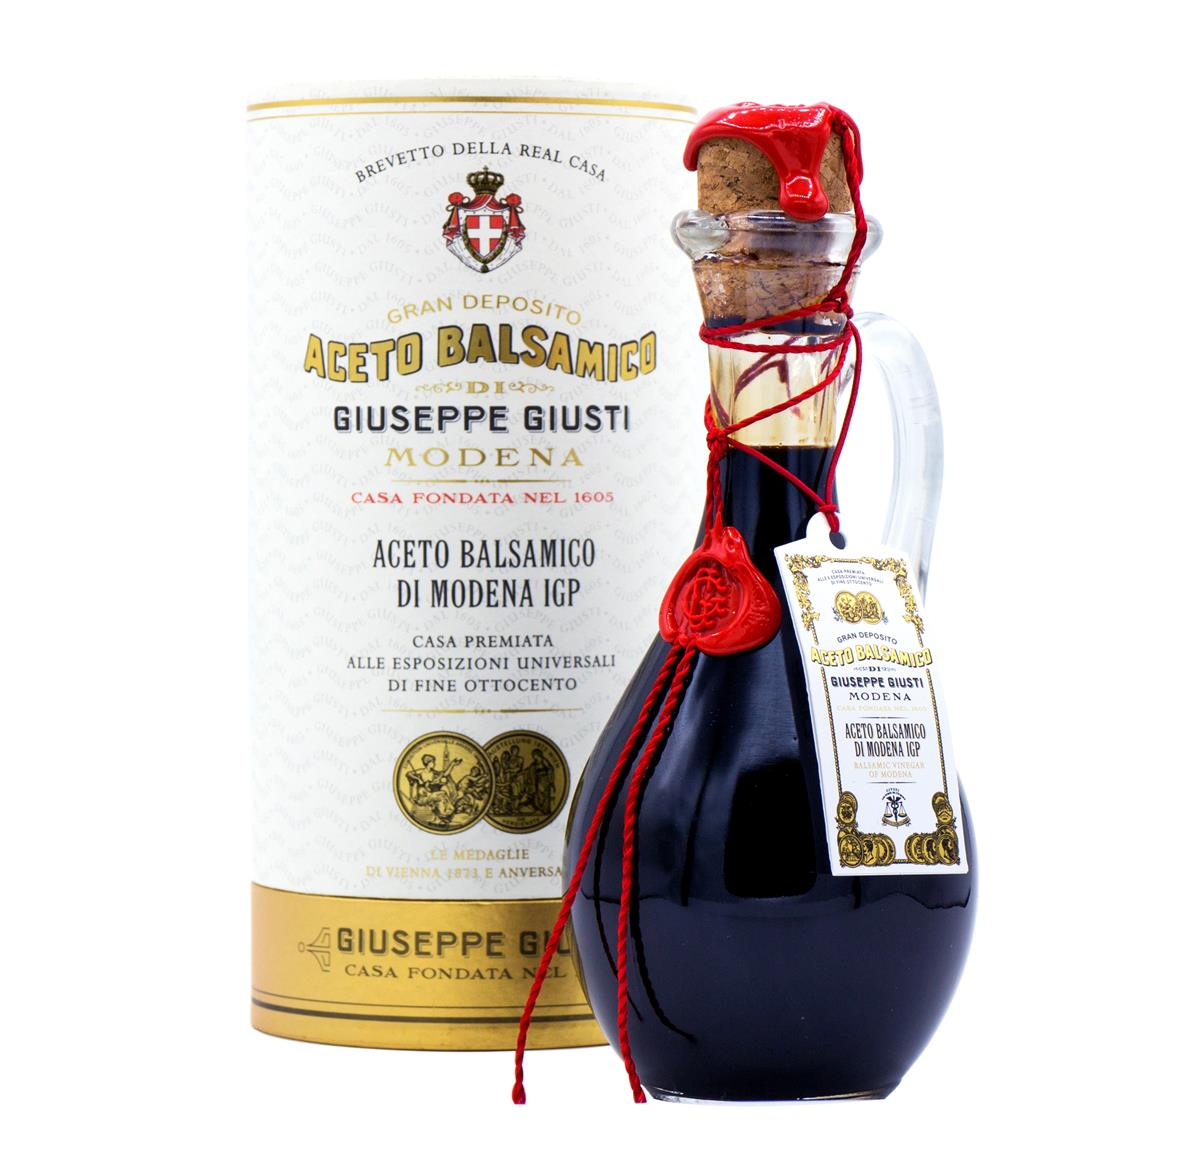 Aceto Balsamico di Modena IGP - 2 Medaglie d'Oro - Anforina Modenese in cappelliera da 250 ml